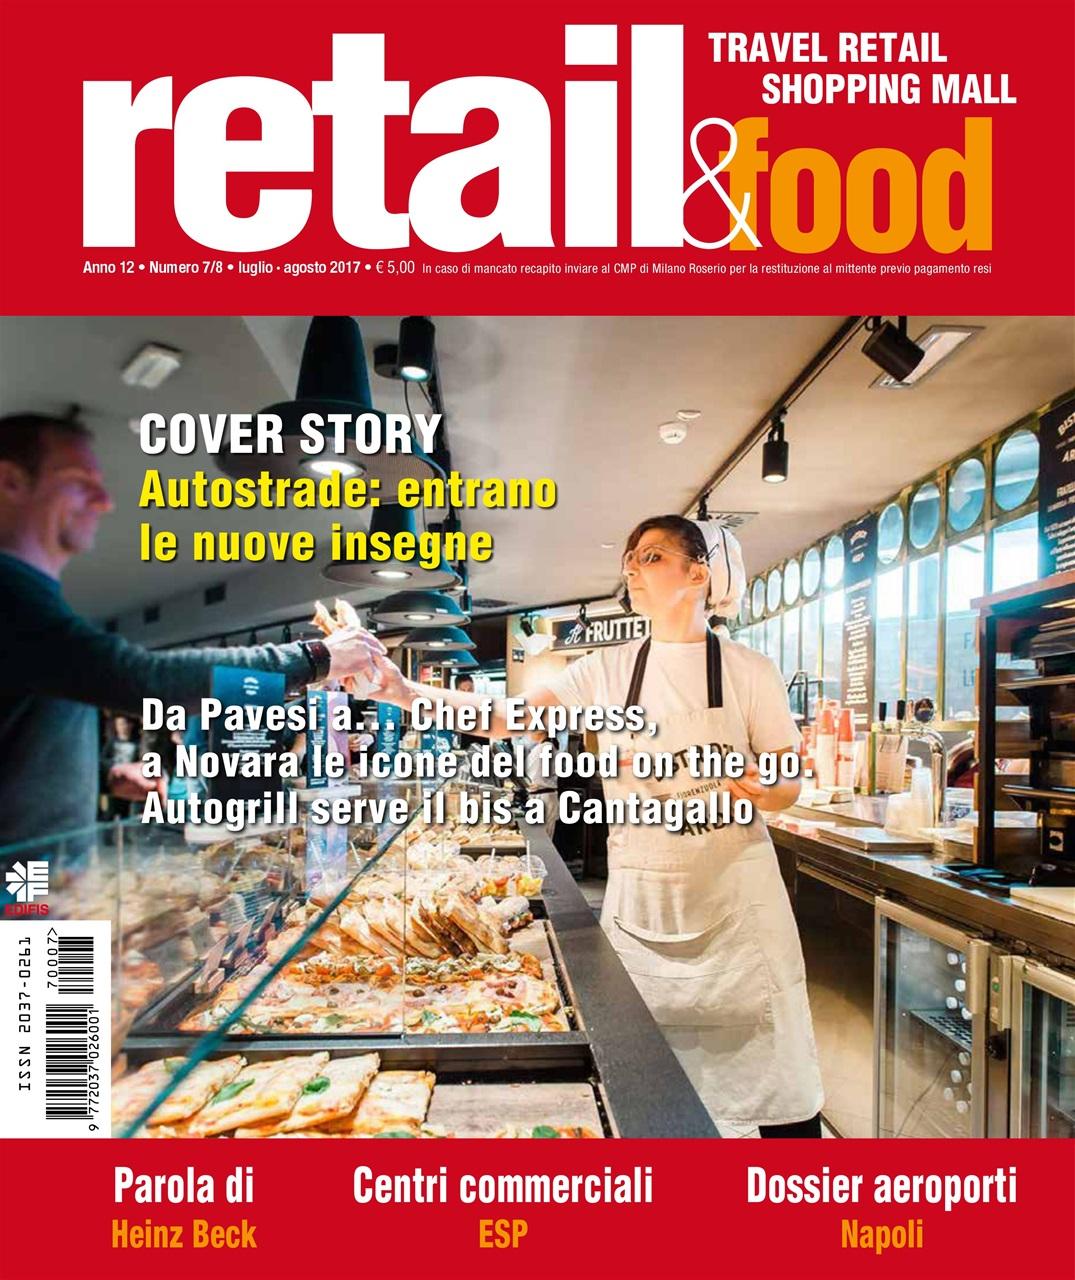 ara retailer cover story